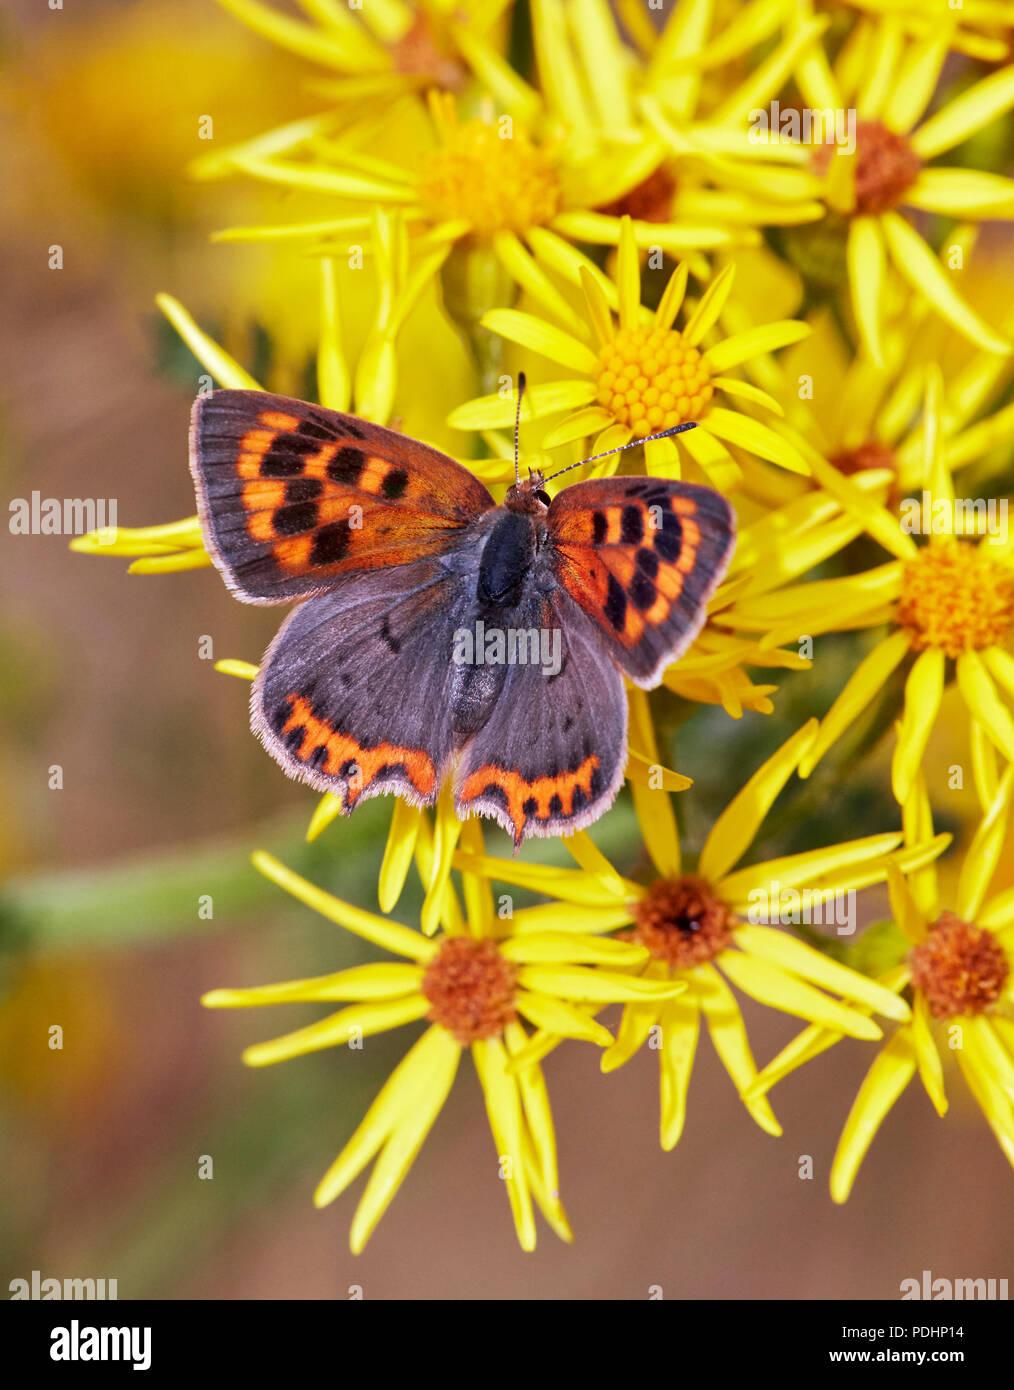 Petite aberration de nectar sur cuivre extensa séneçon. Hurst Meadows, East Molesey, Surrey, Angleterre. Photo Stock